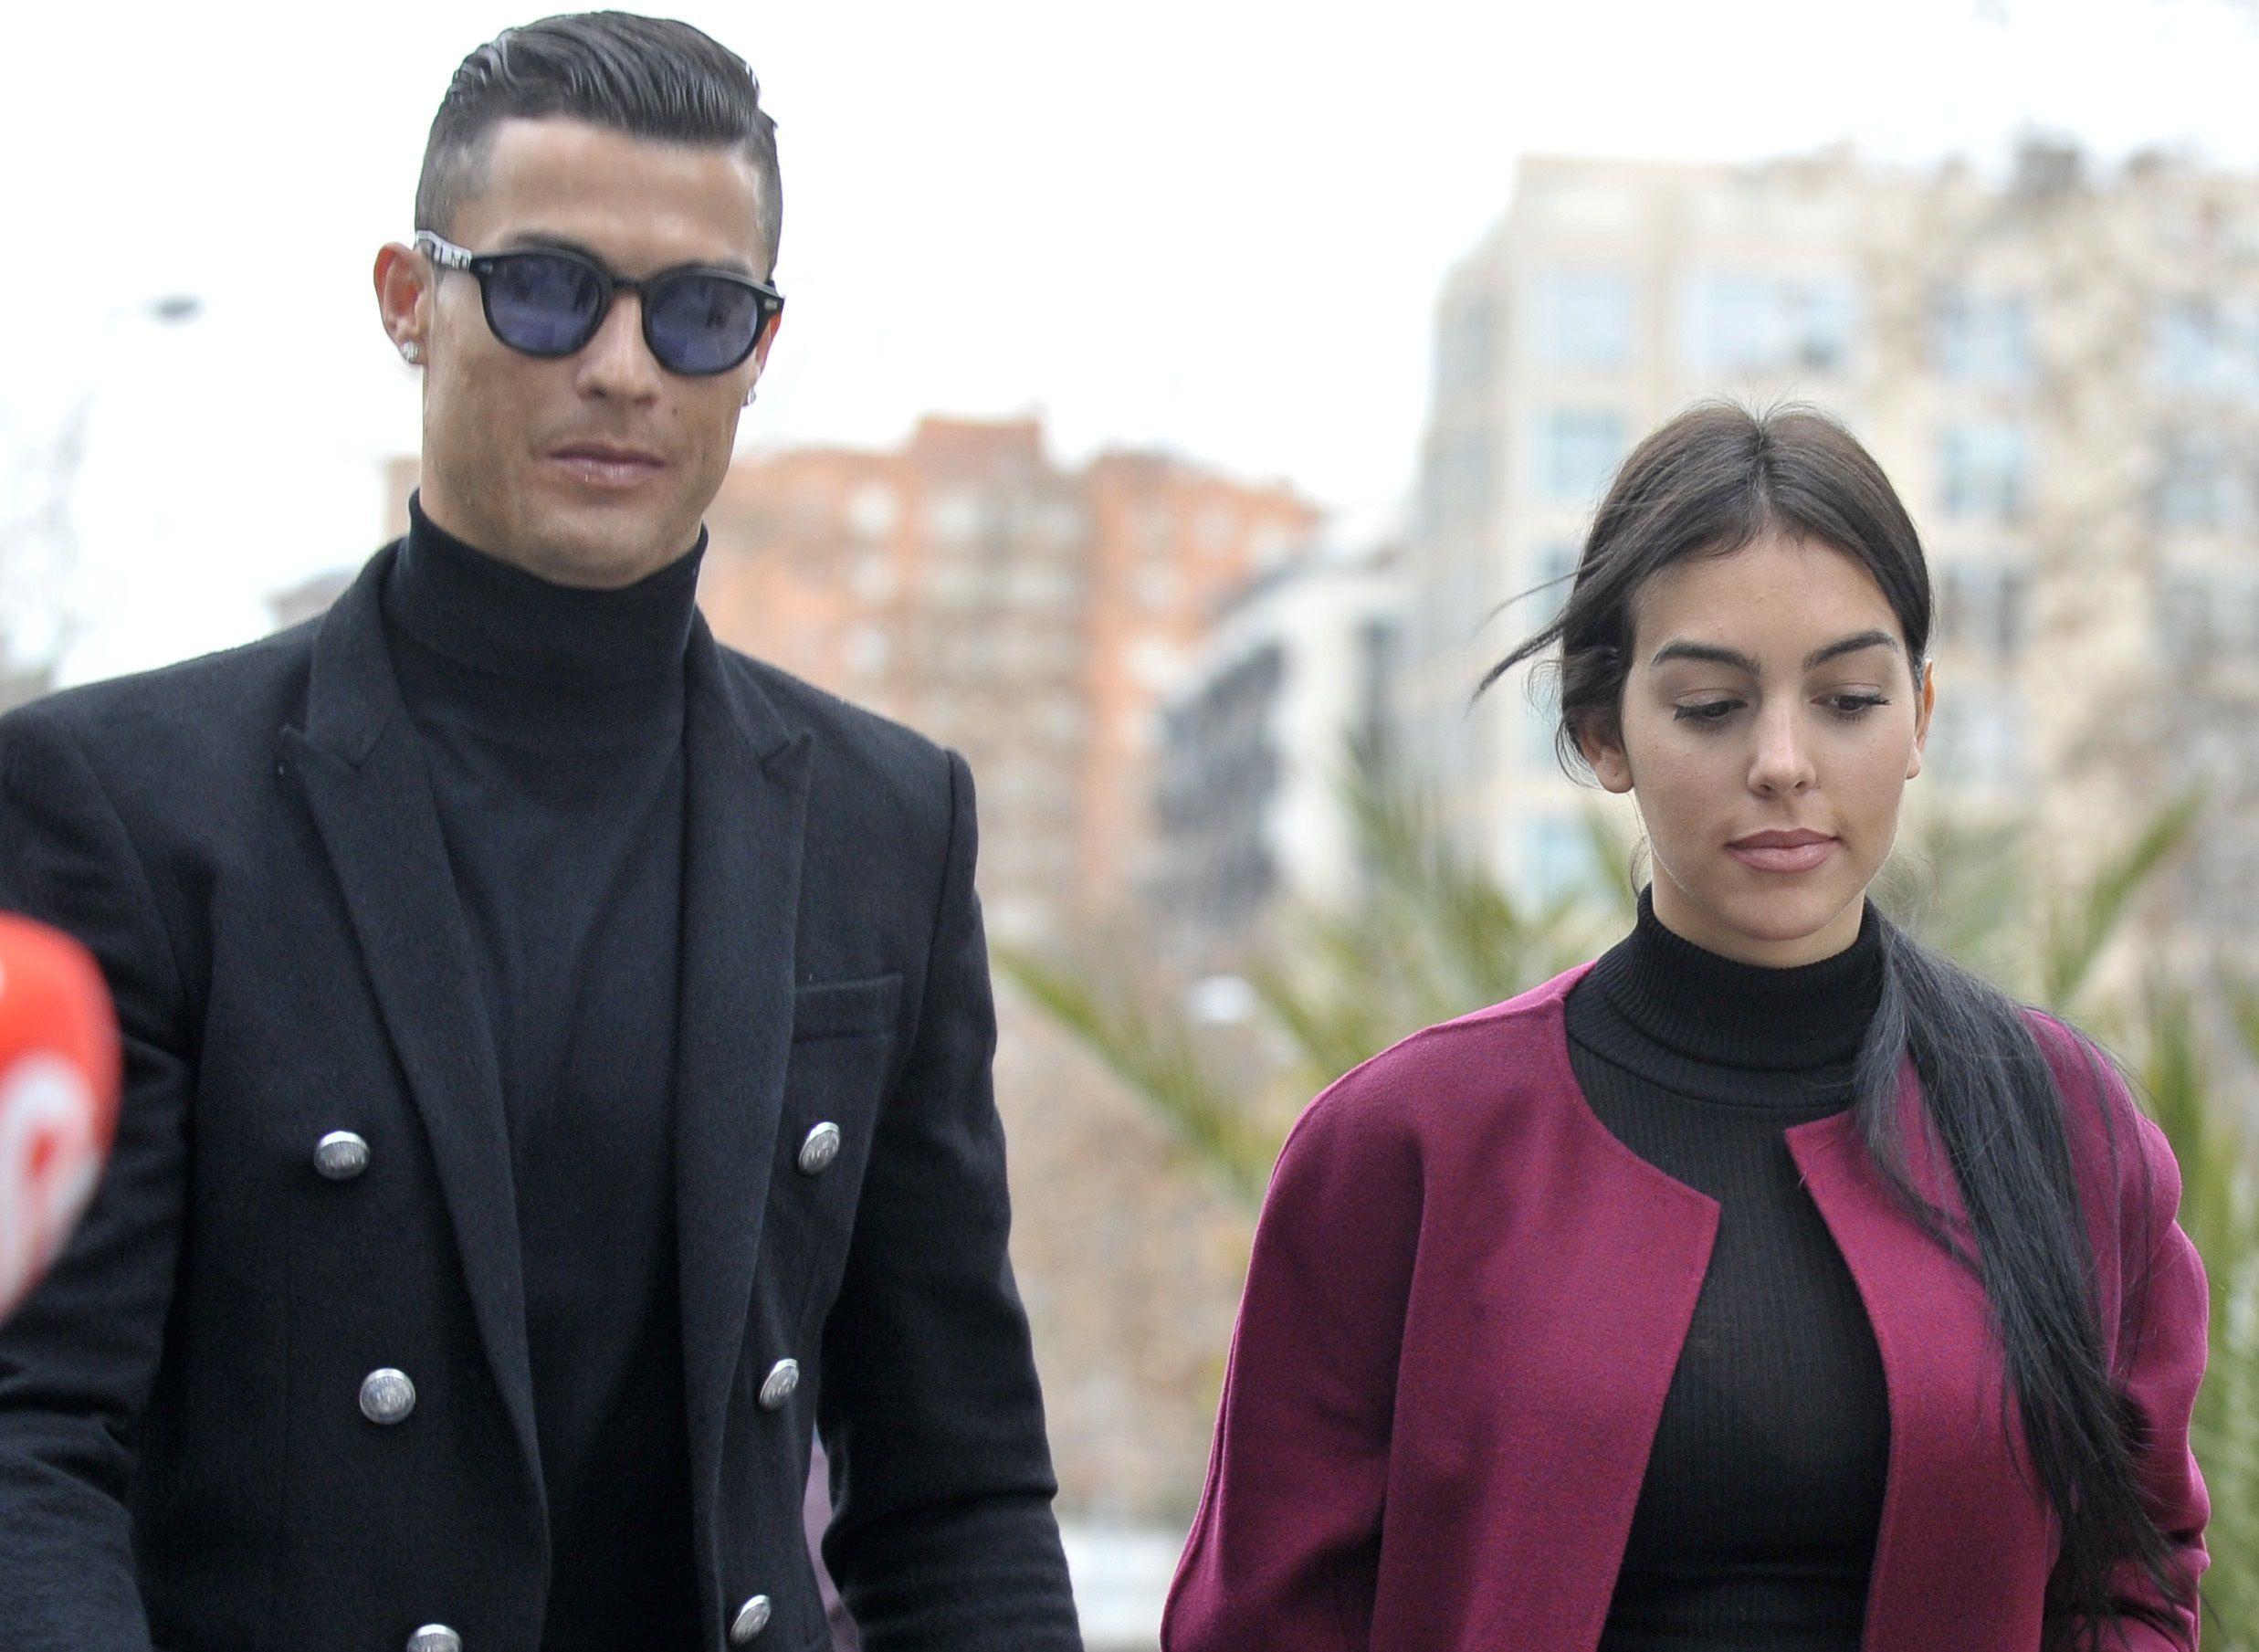 Por la pandemia la familia se instaló en Portugal, aunque Cristiano pasa la mayor parte de su semana en Turín (Europa Press)